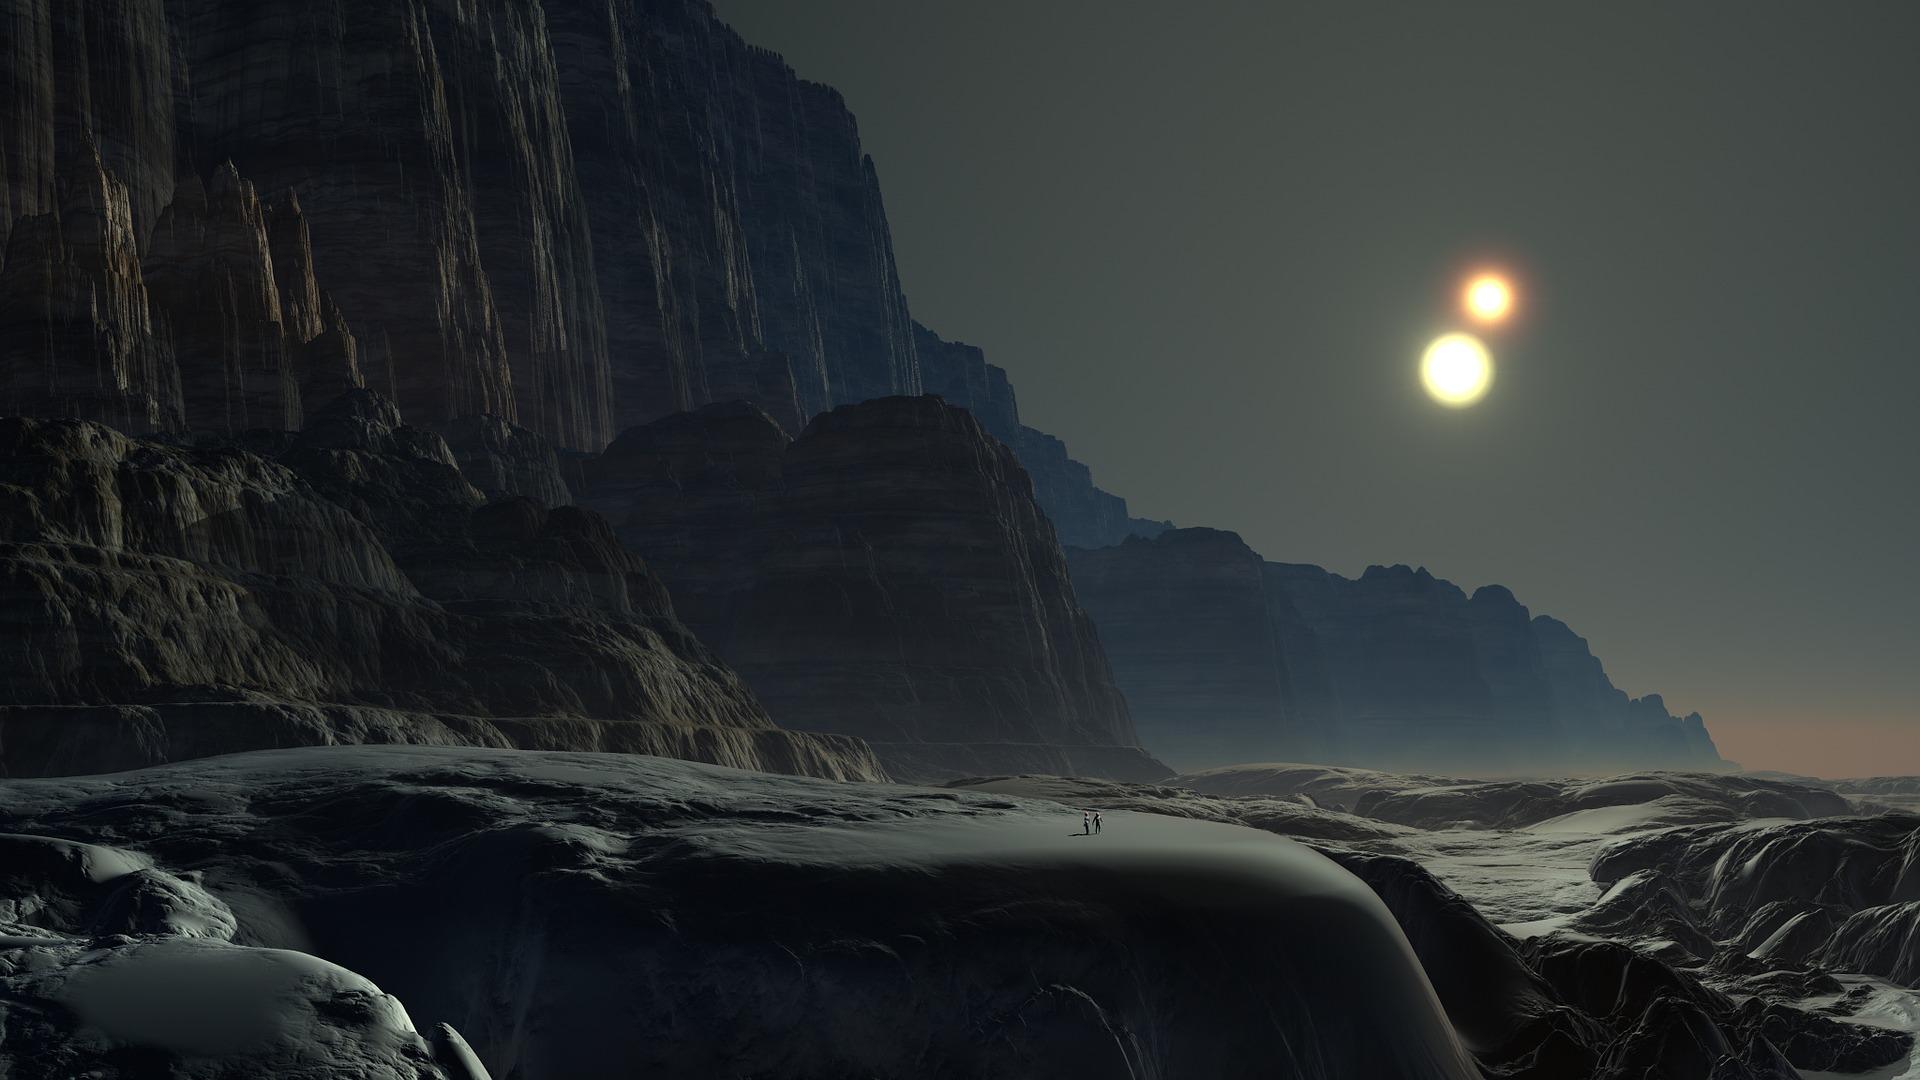 惑星, 太陽, ダブル, つ星, 山 - HD の壁紙 - 教授-falken.com